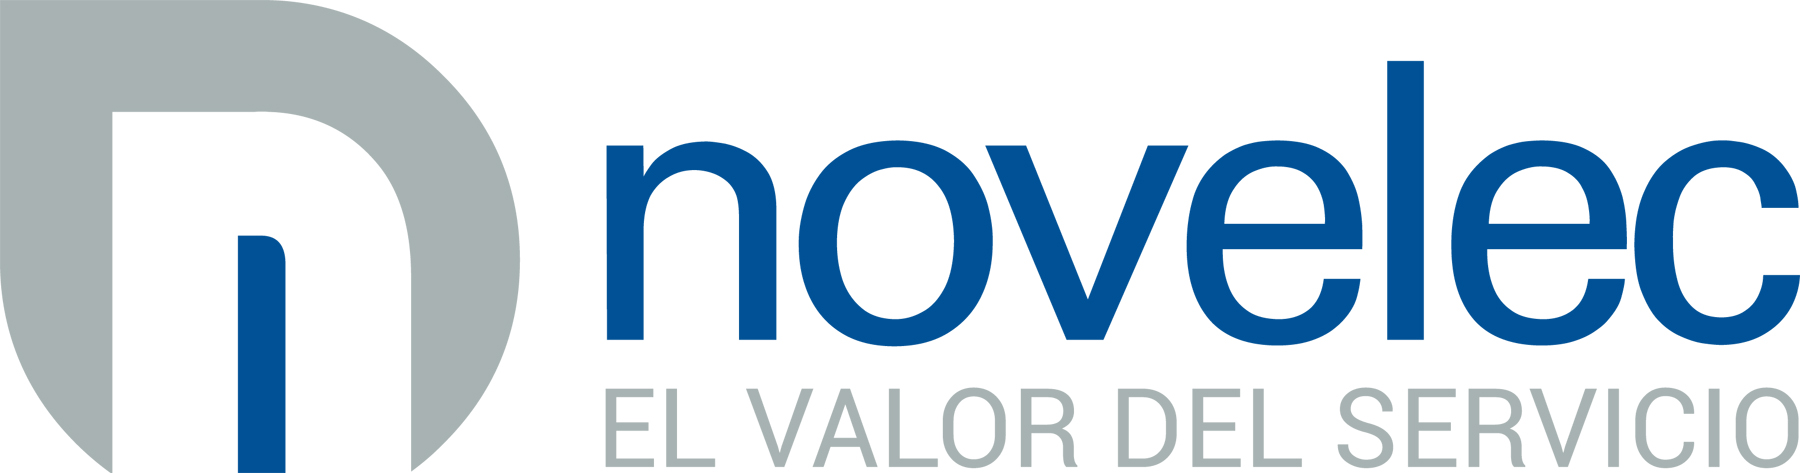 Asinec asociaci n provincial de electricistas de a coru a for Oficina virtual xunta galicia